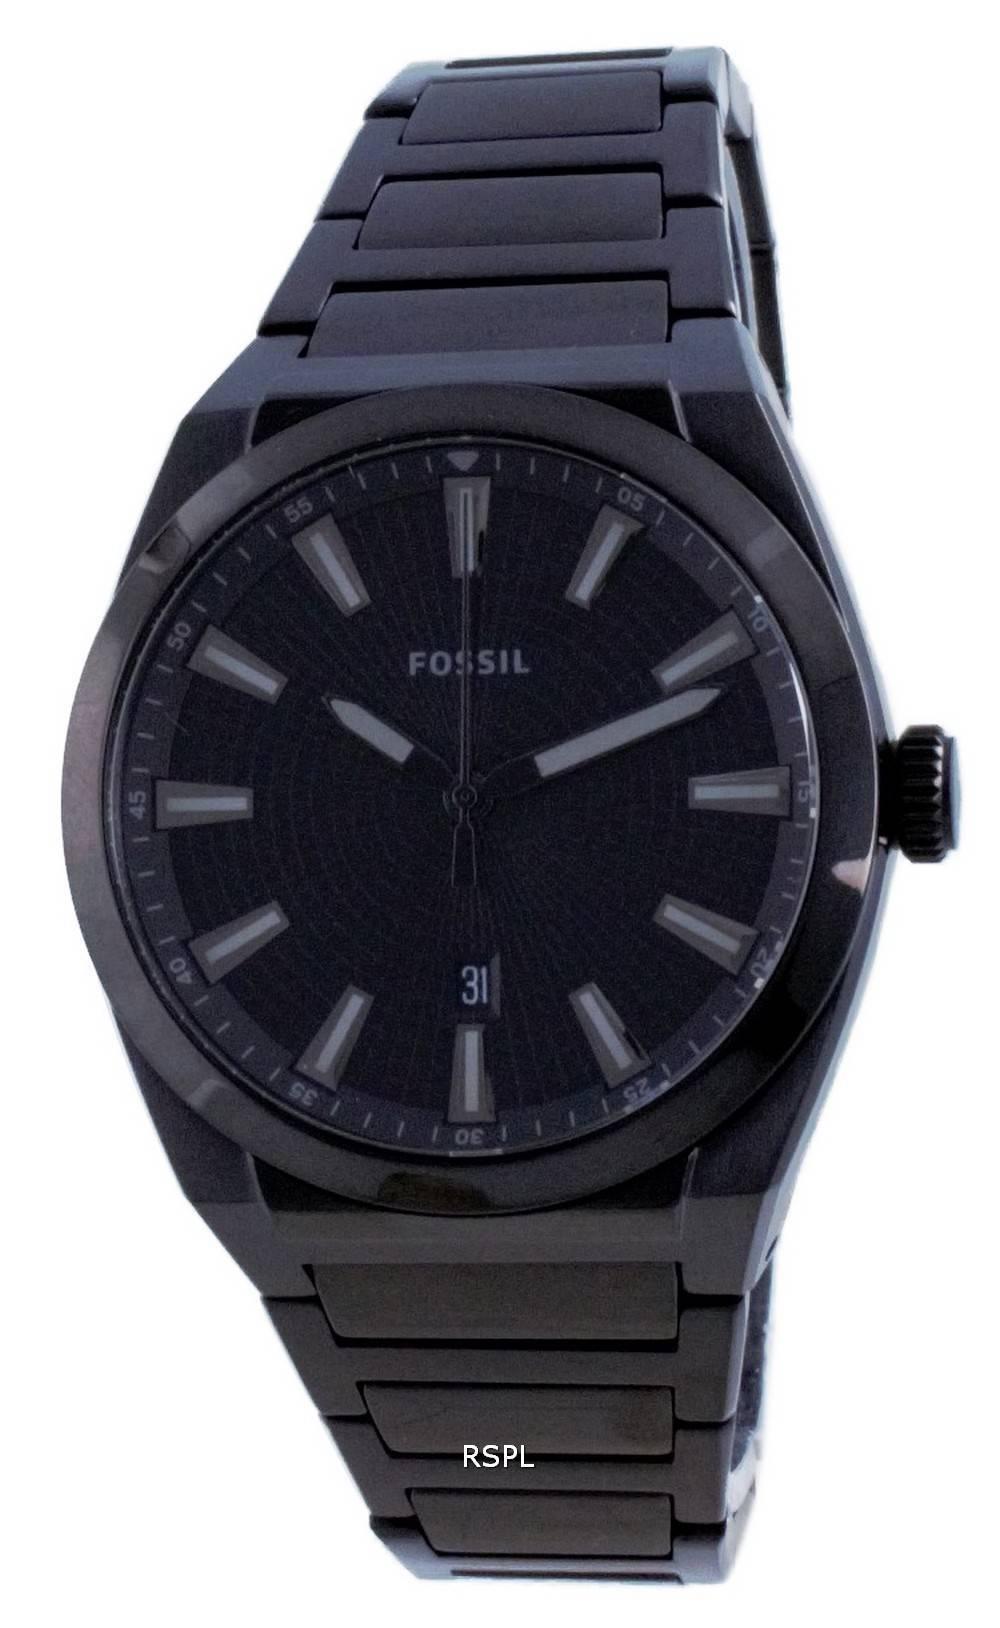 Fossil Everett musta kellotaulu ruostumattomasta teräksestä valmistettu kvartsi FS5824 miesten kello